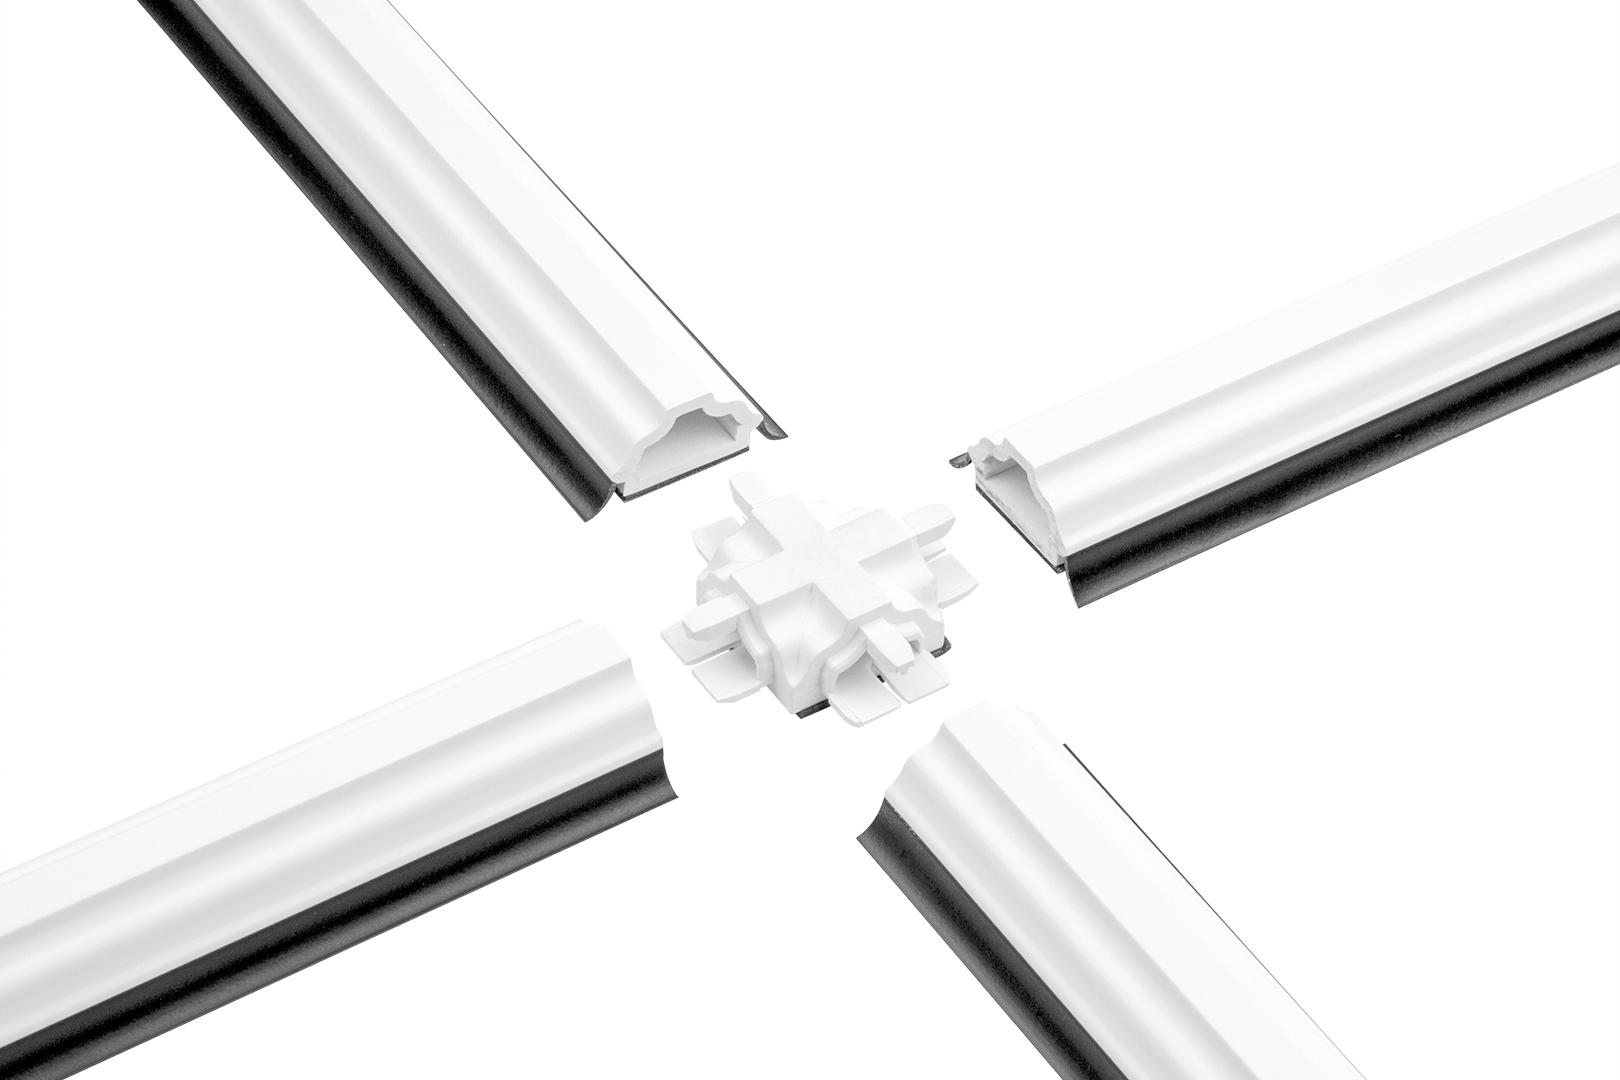 Glassprossen & Kreuzverbinder PVC weiß, Weichlippe grau & schwarz, selbstklebend - HJ GL2313 & KR23